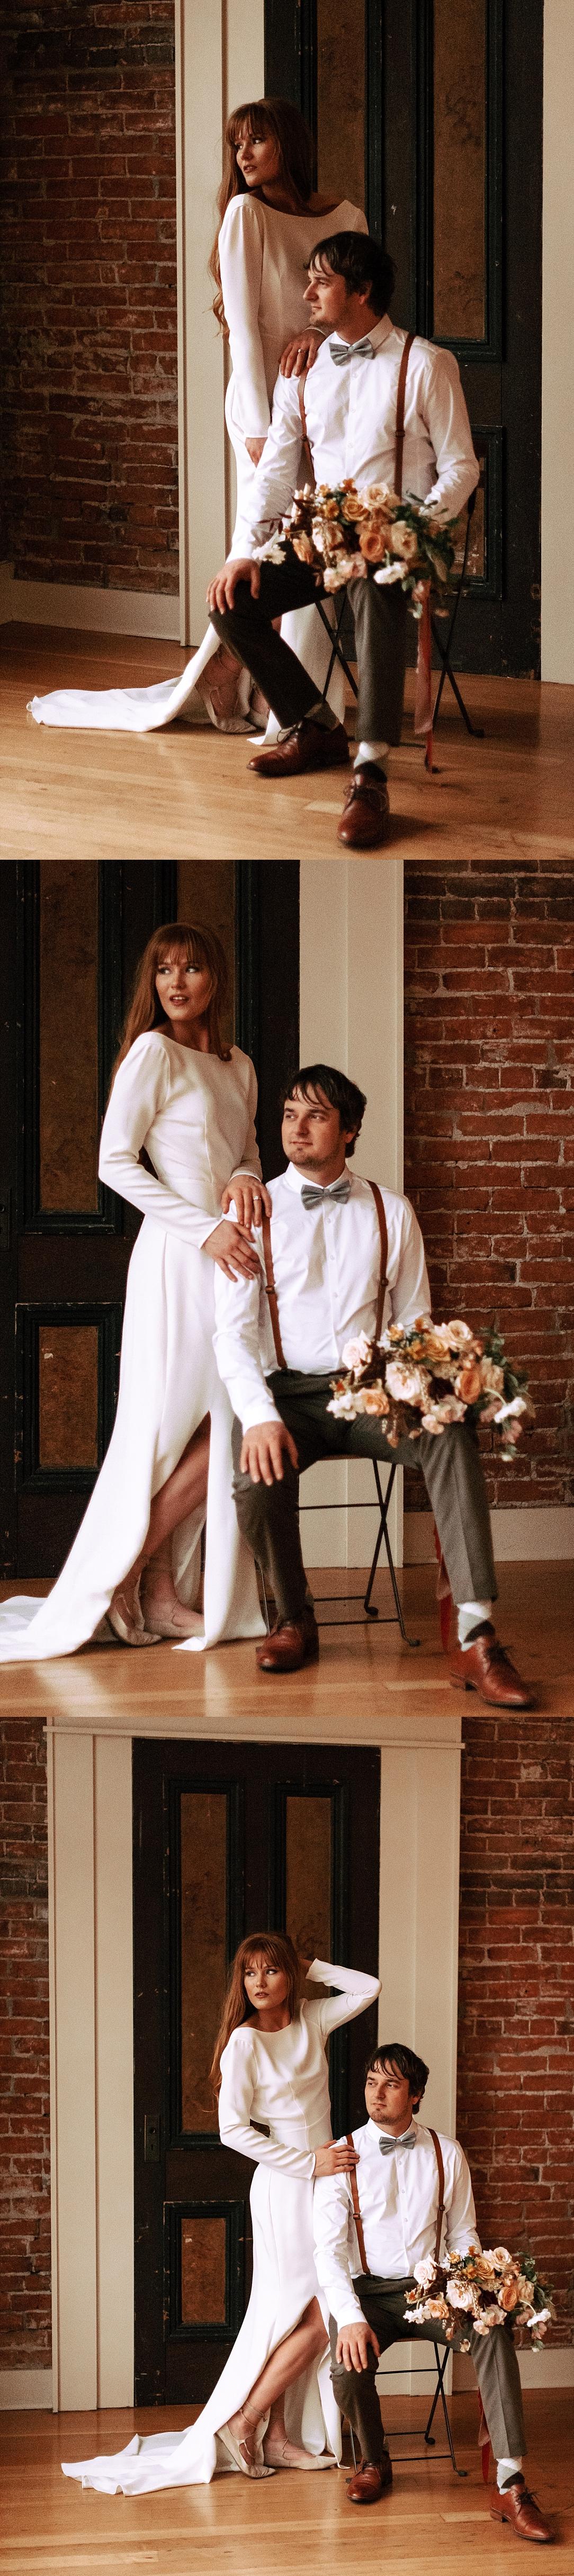 intimate industrial indoor elopement_0034.jpg